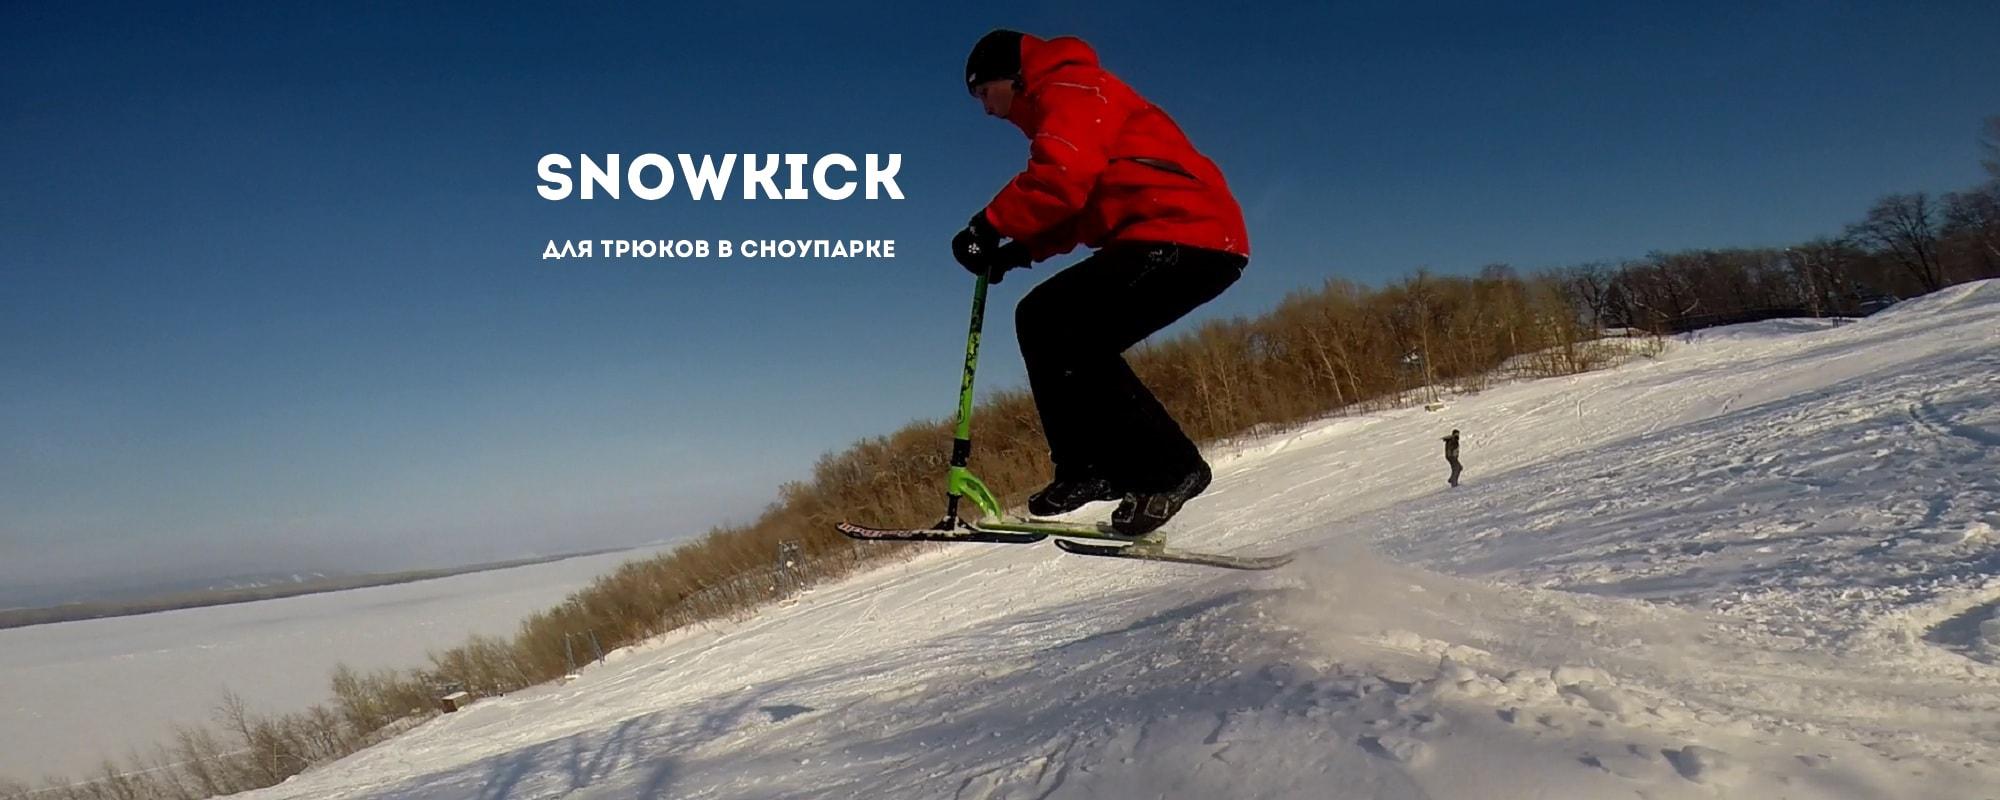 snowkick_1-min